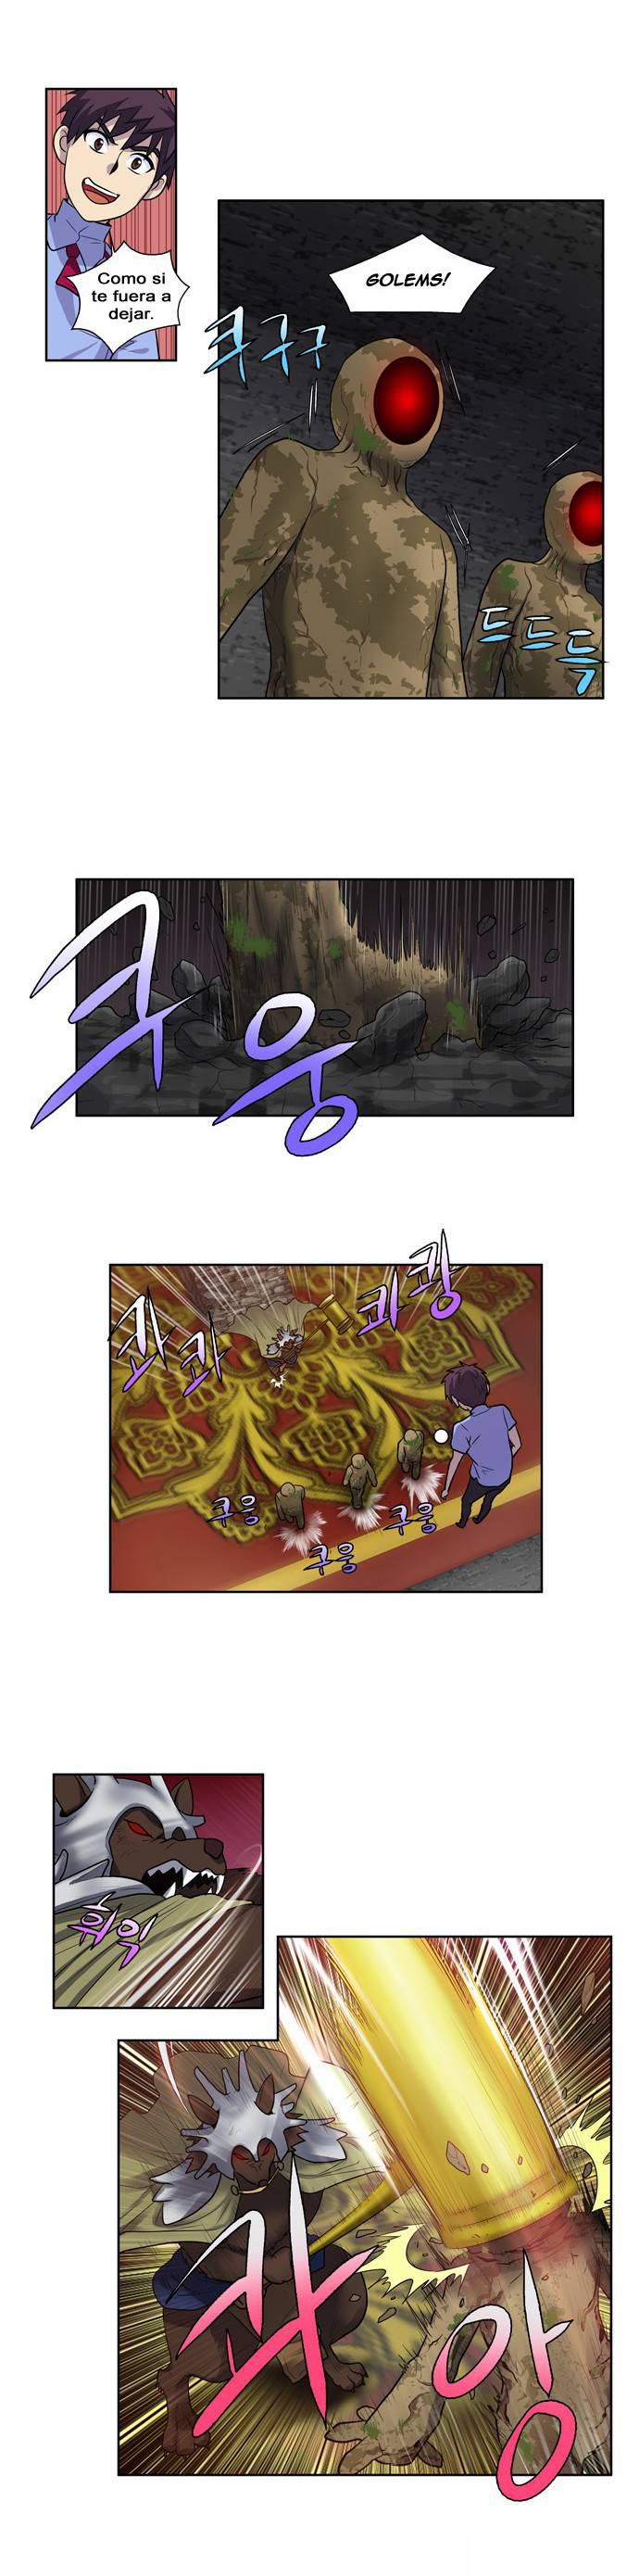 http://c5.ninemanga.com/es_manga/61/1725/396911/73e1ba653af9b7e5e1ba7014e245d8e8.jpg Page 7